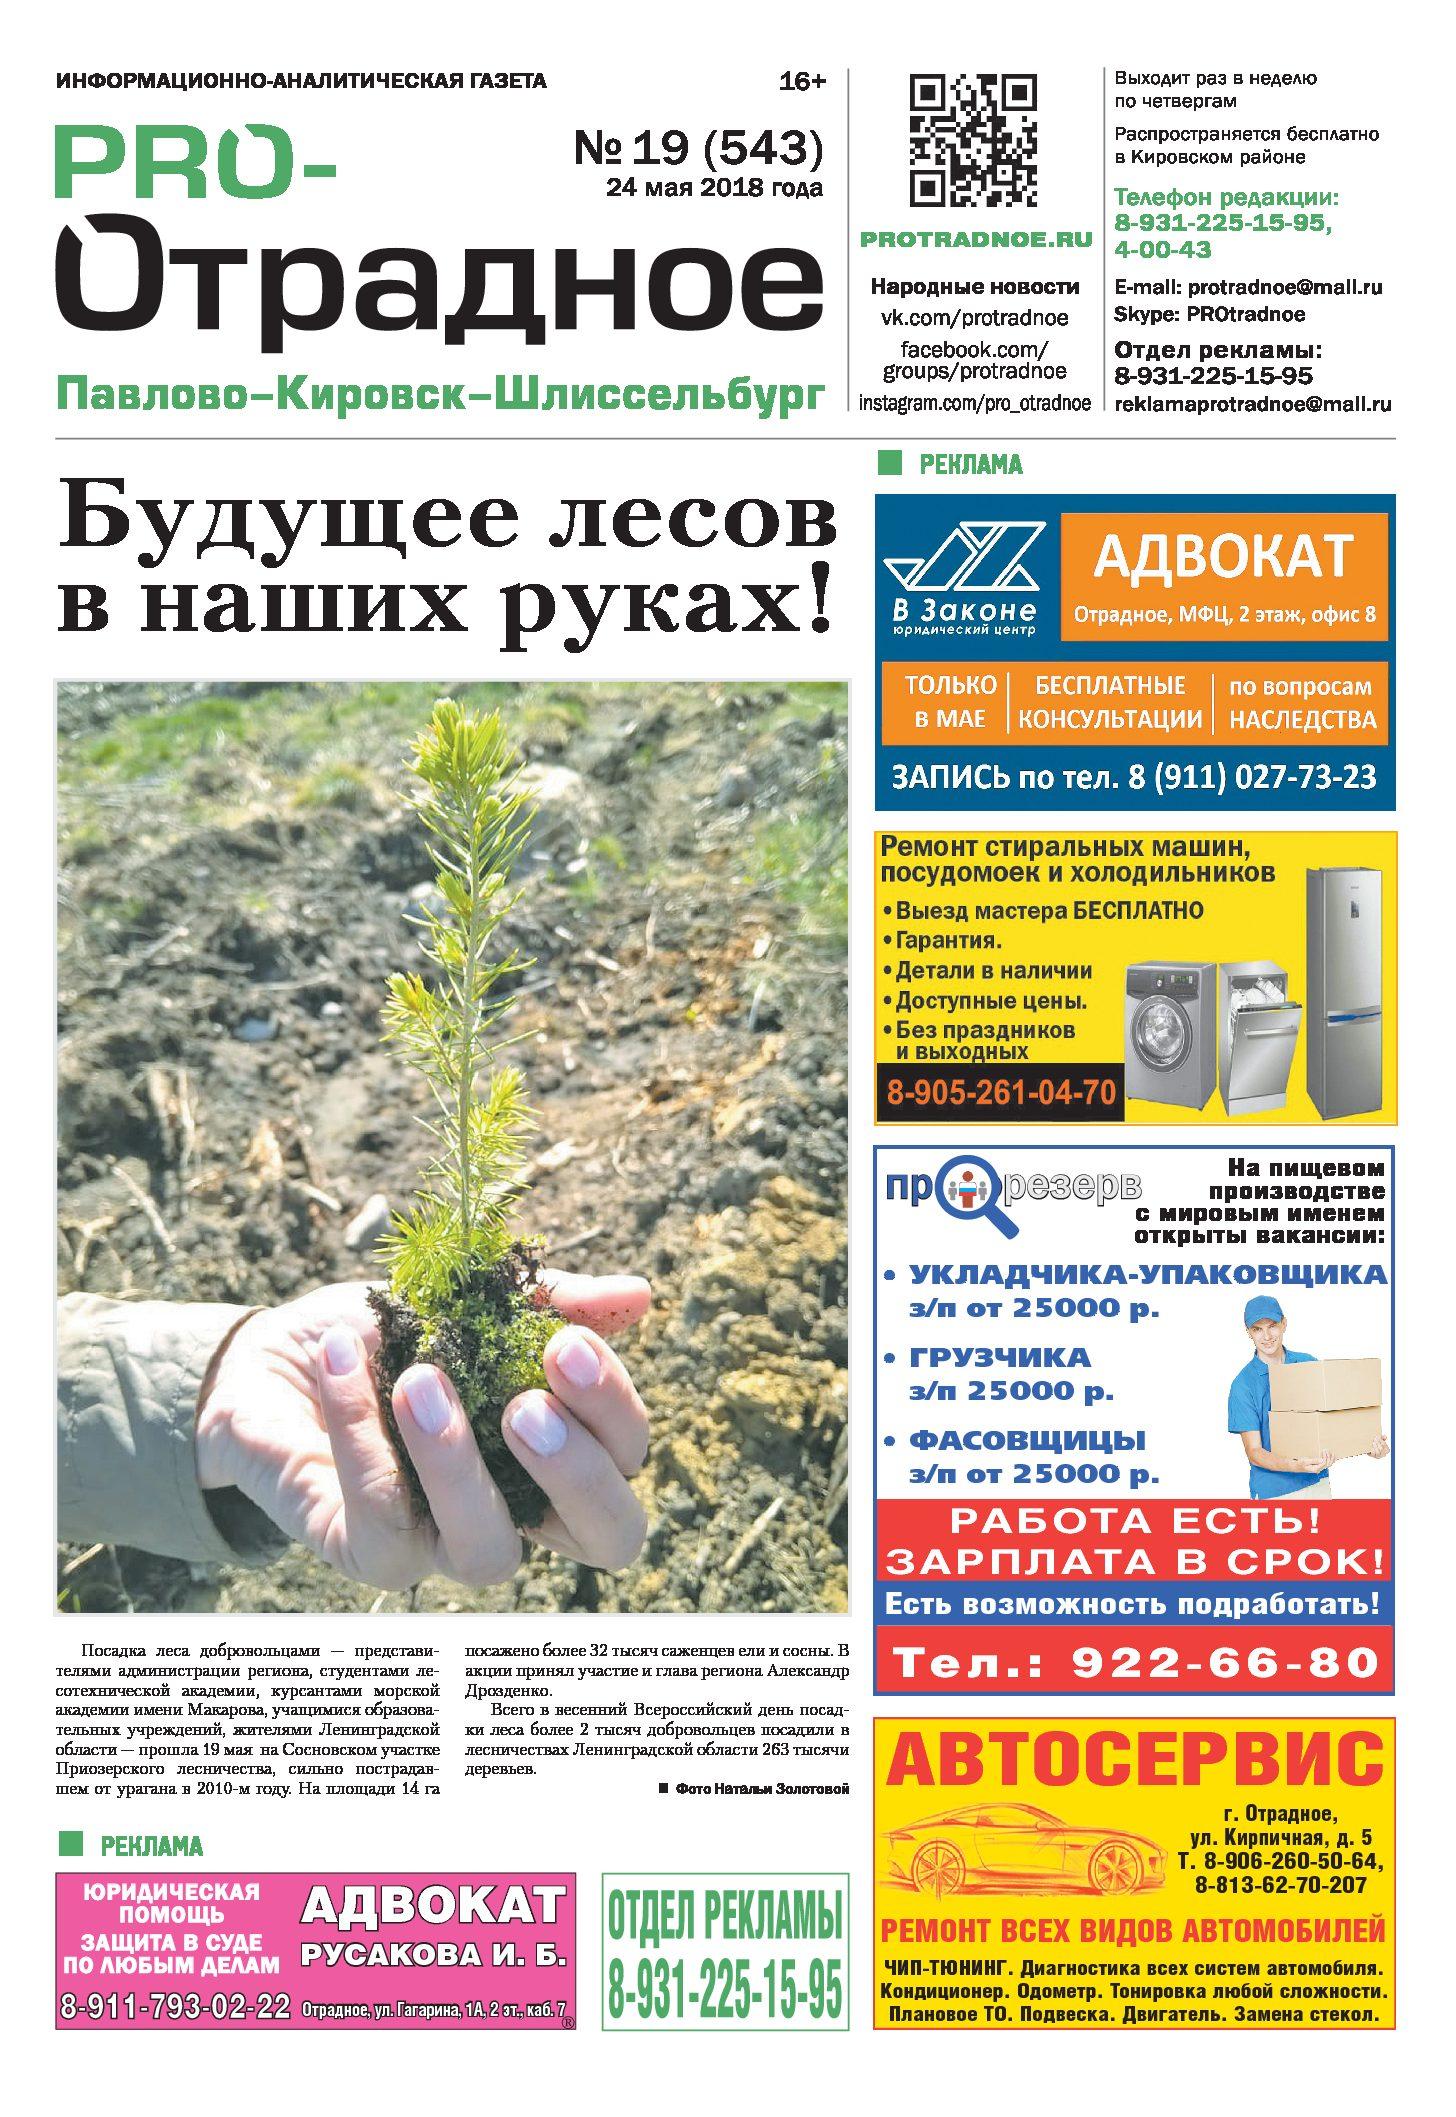 Выпуск газеты «PRO-Отрадное» №19 от 24 мая 2018 года